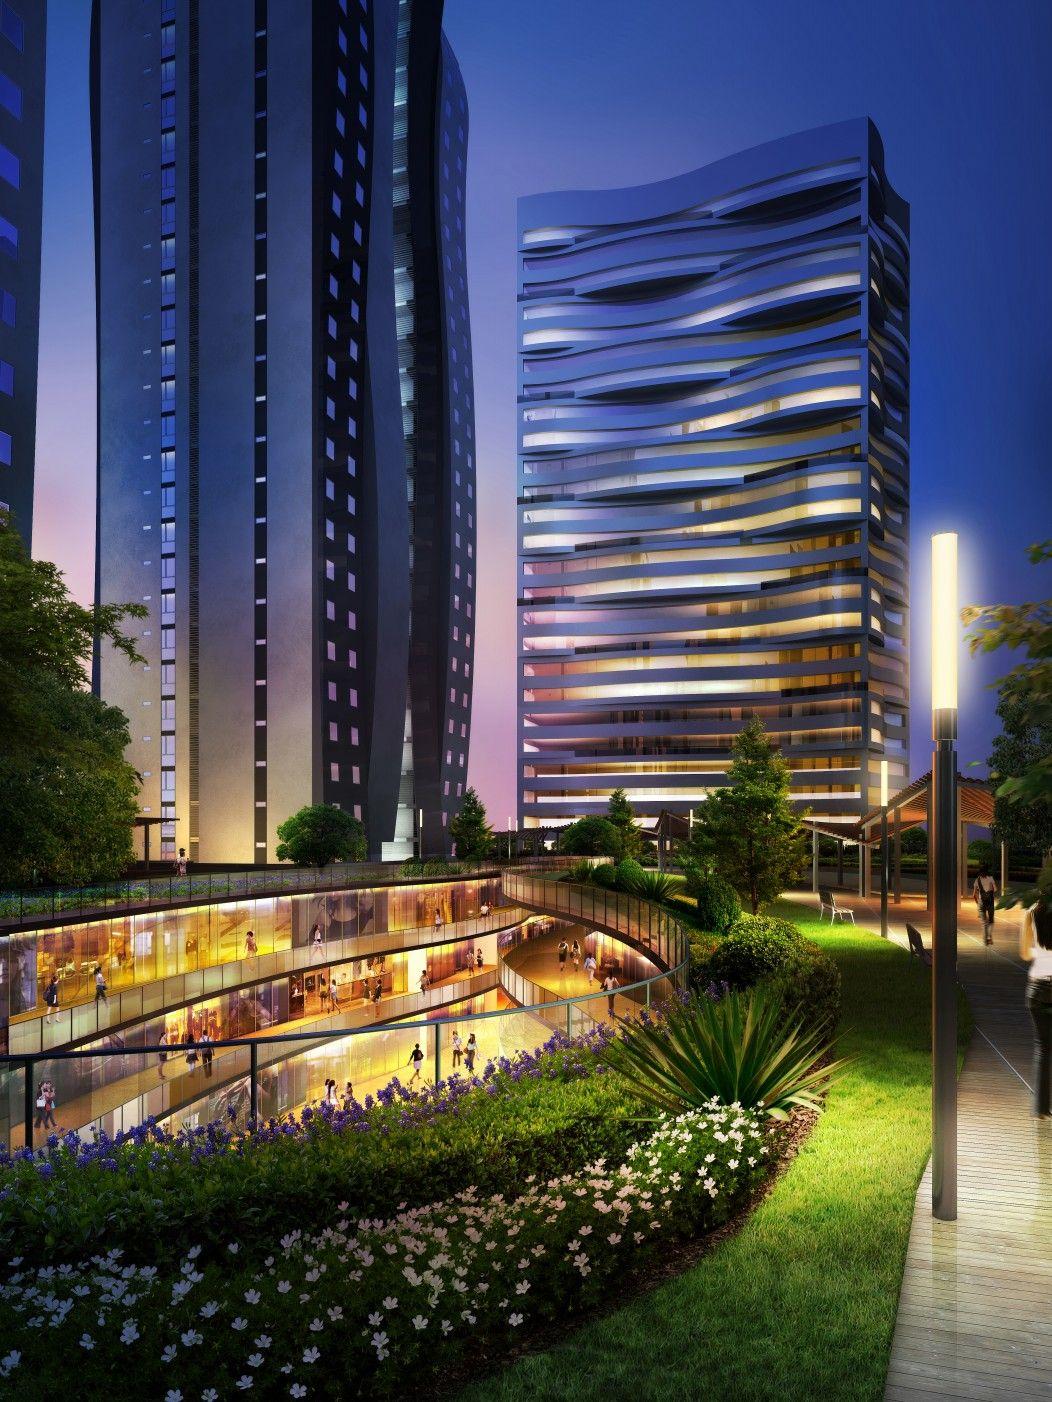 New Mixed Use Masterplan In Jiyuan China Towers